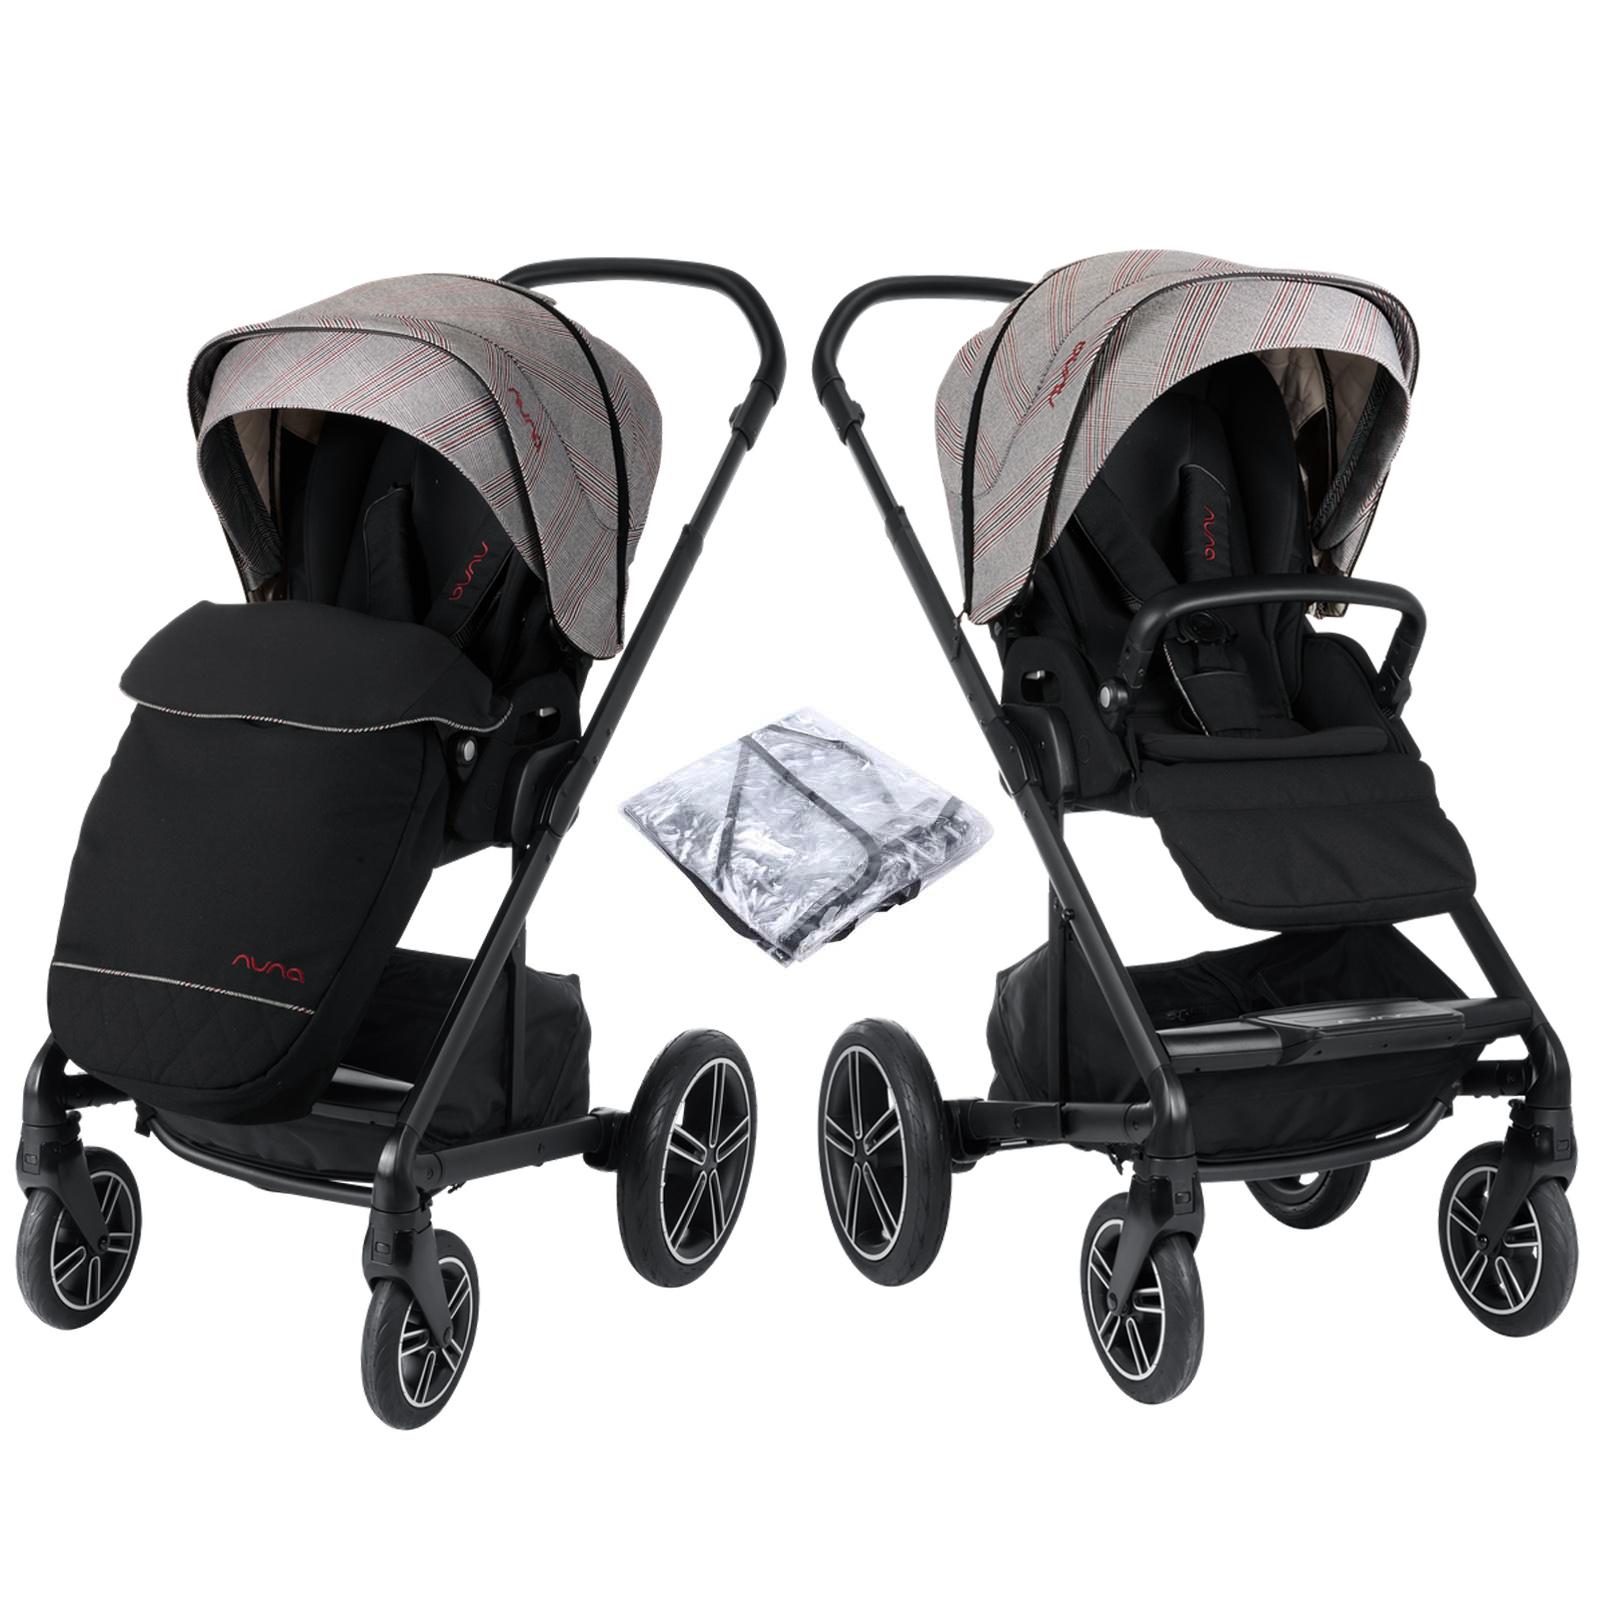 Nuna Mixx Next Pushchair Stroller - Ellis   Buy at Online4baby